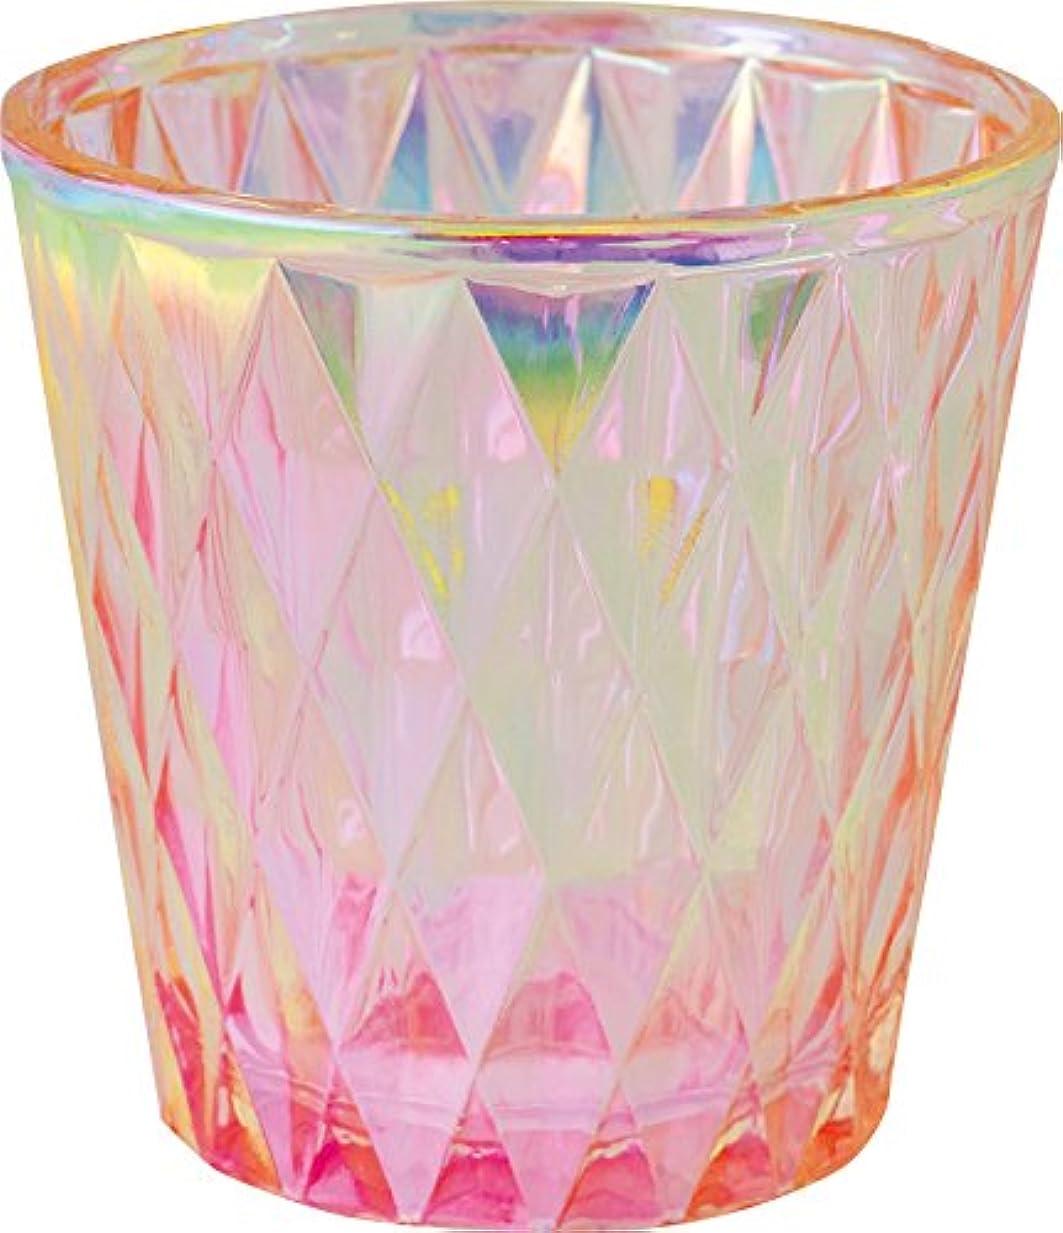 唯一脚本家古代カメヤマキャンドルハウス オーロラダイヤグラス キャンドルフォルダー ピンク